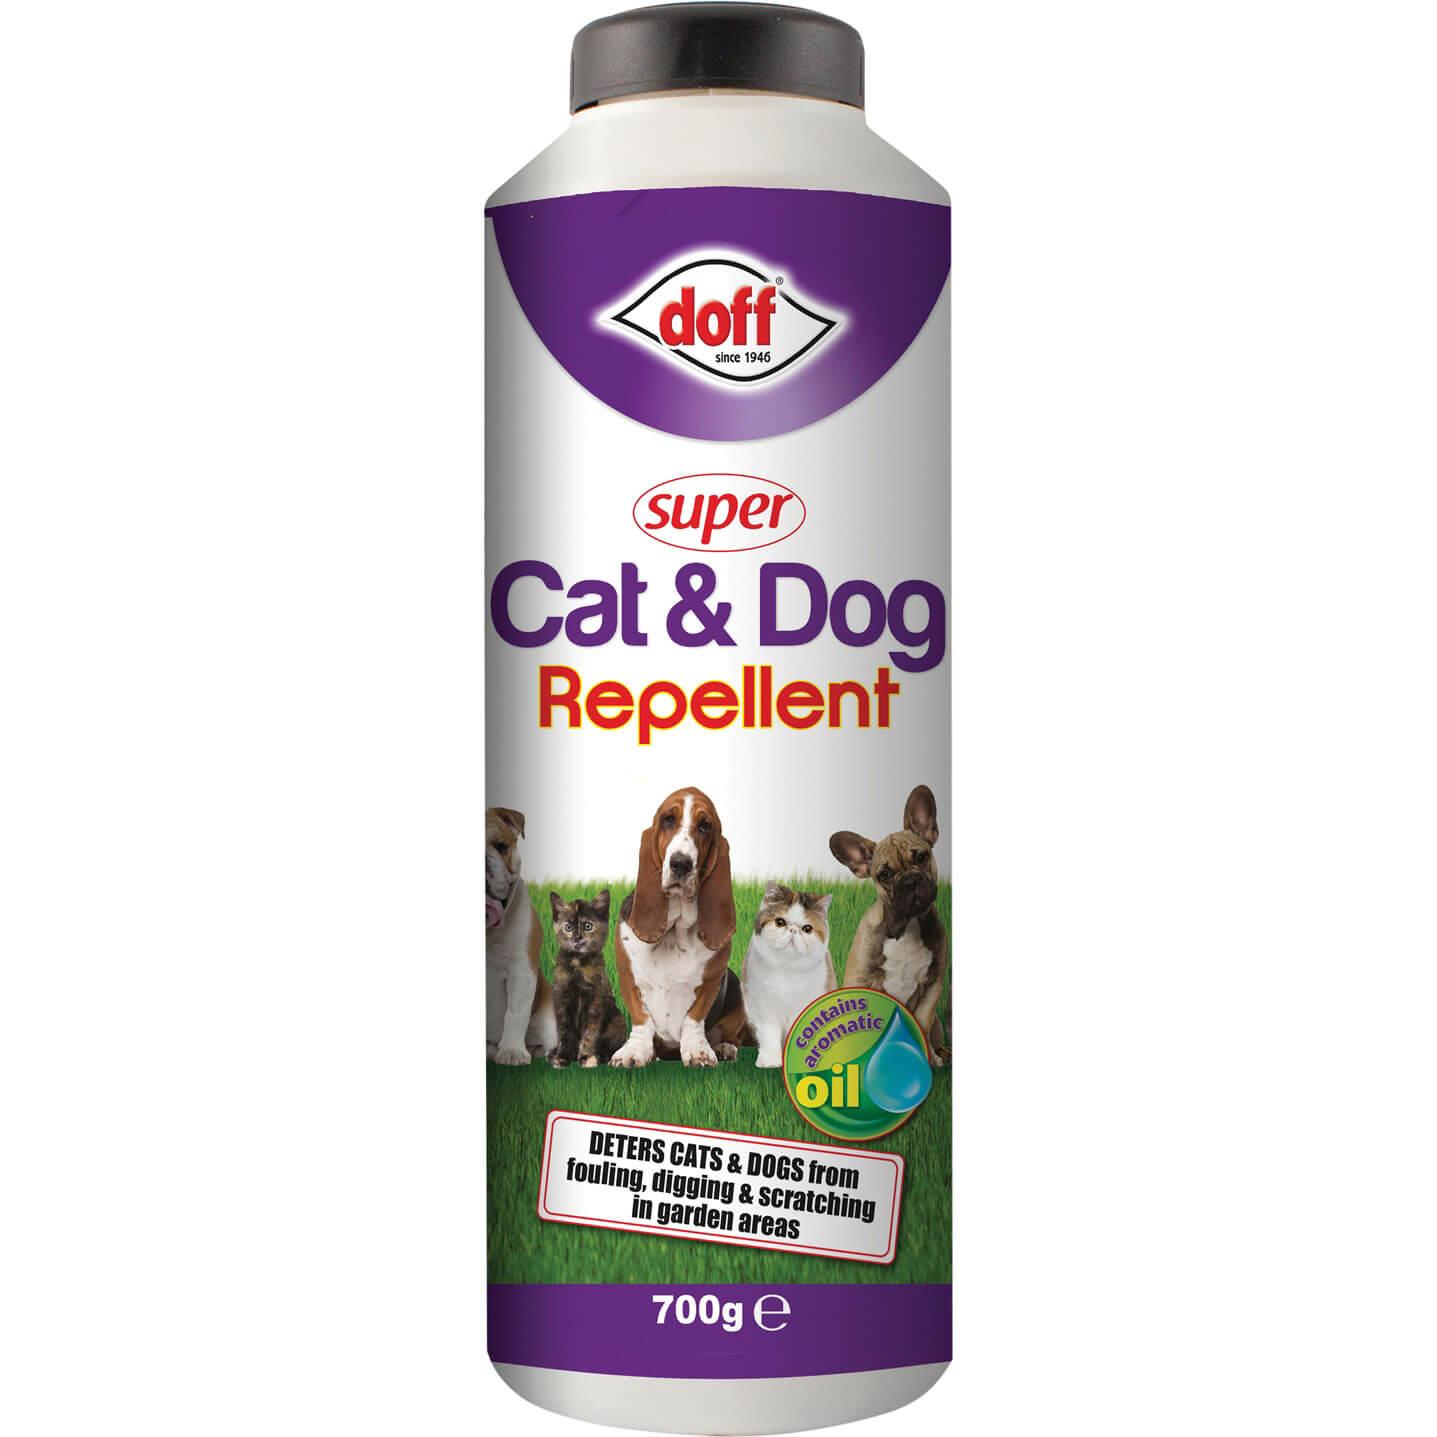 Image of Doff Super Cat & Dog Repellent 700g